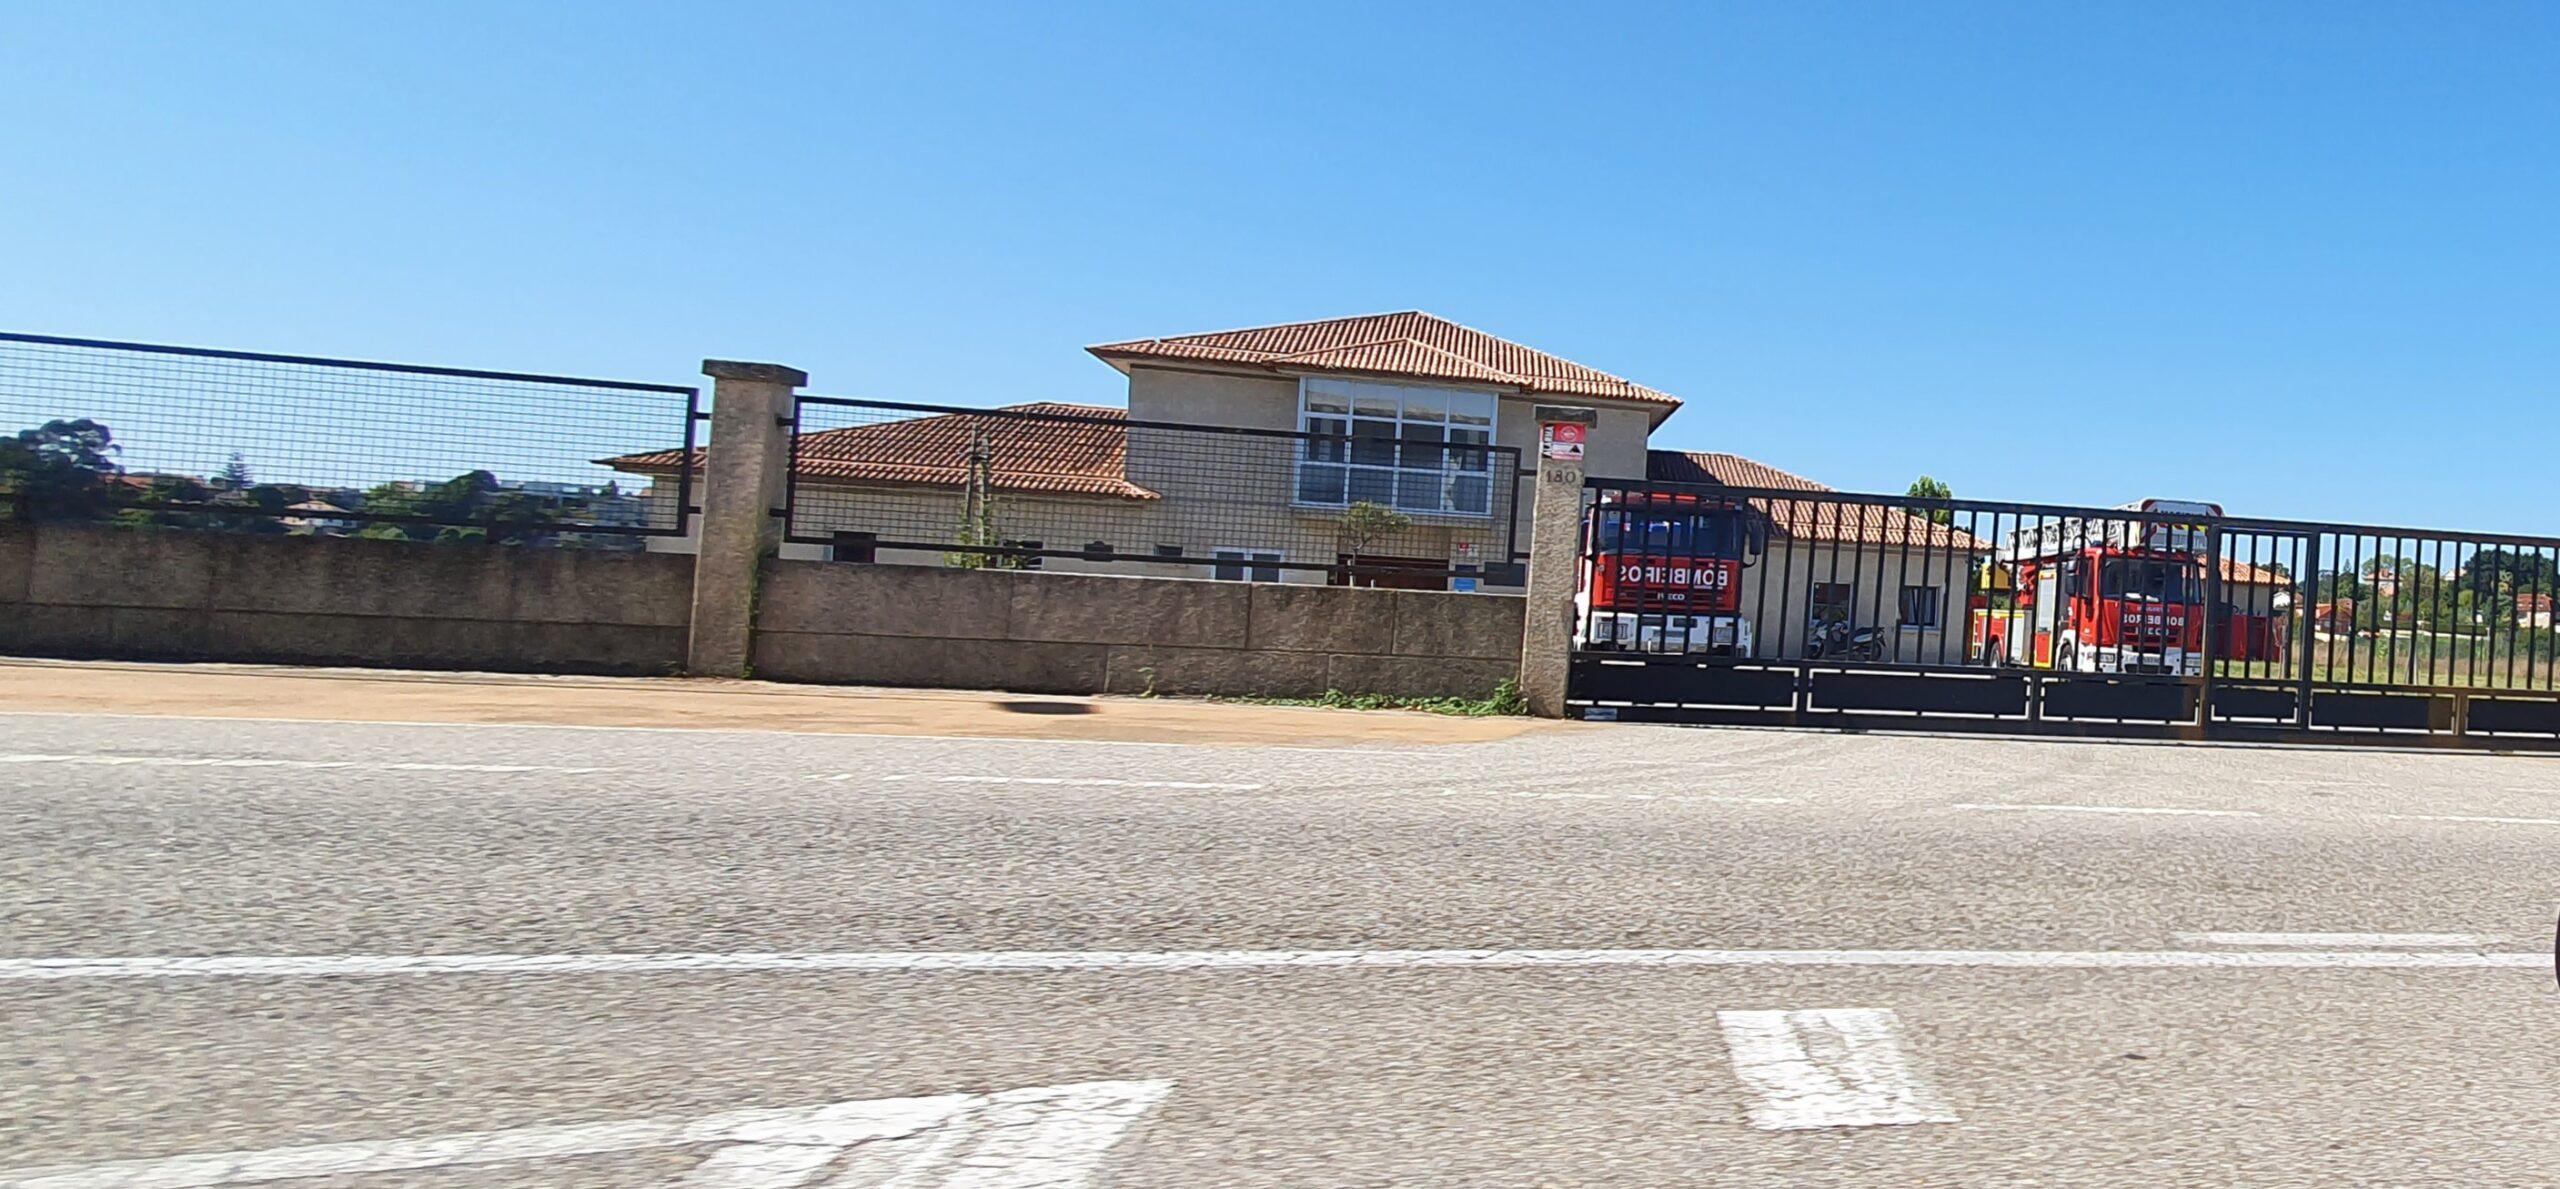 El parque de Bomberos de Coruxo, cerrado de nuevo por falta de efectivos